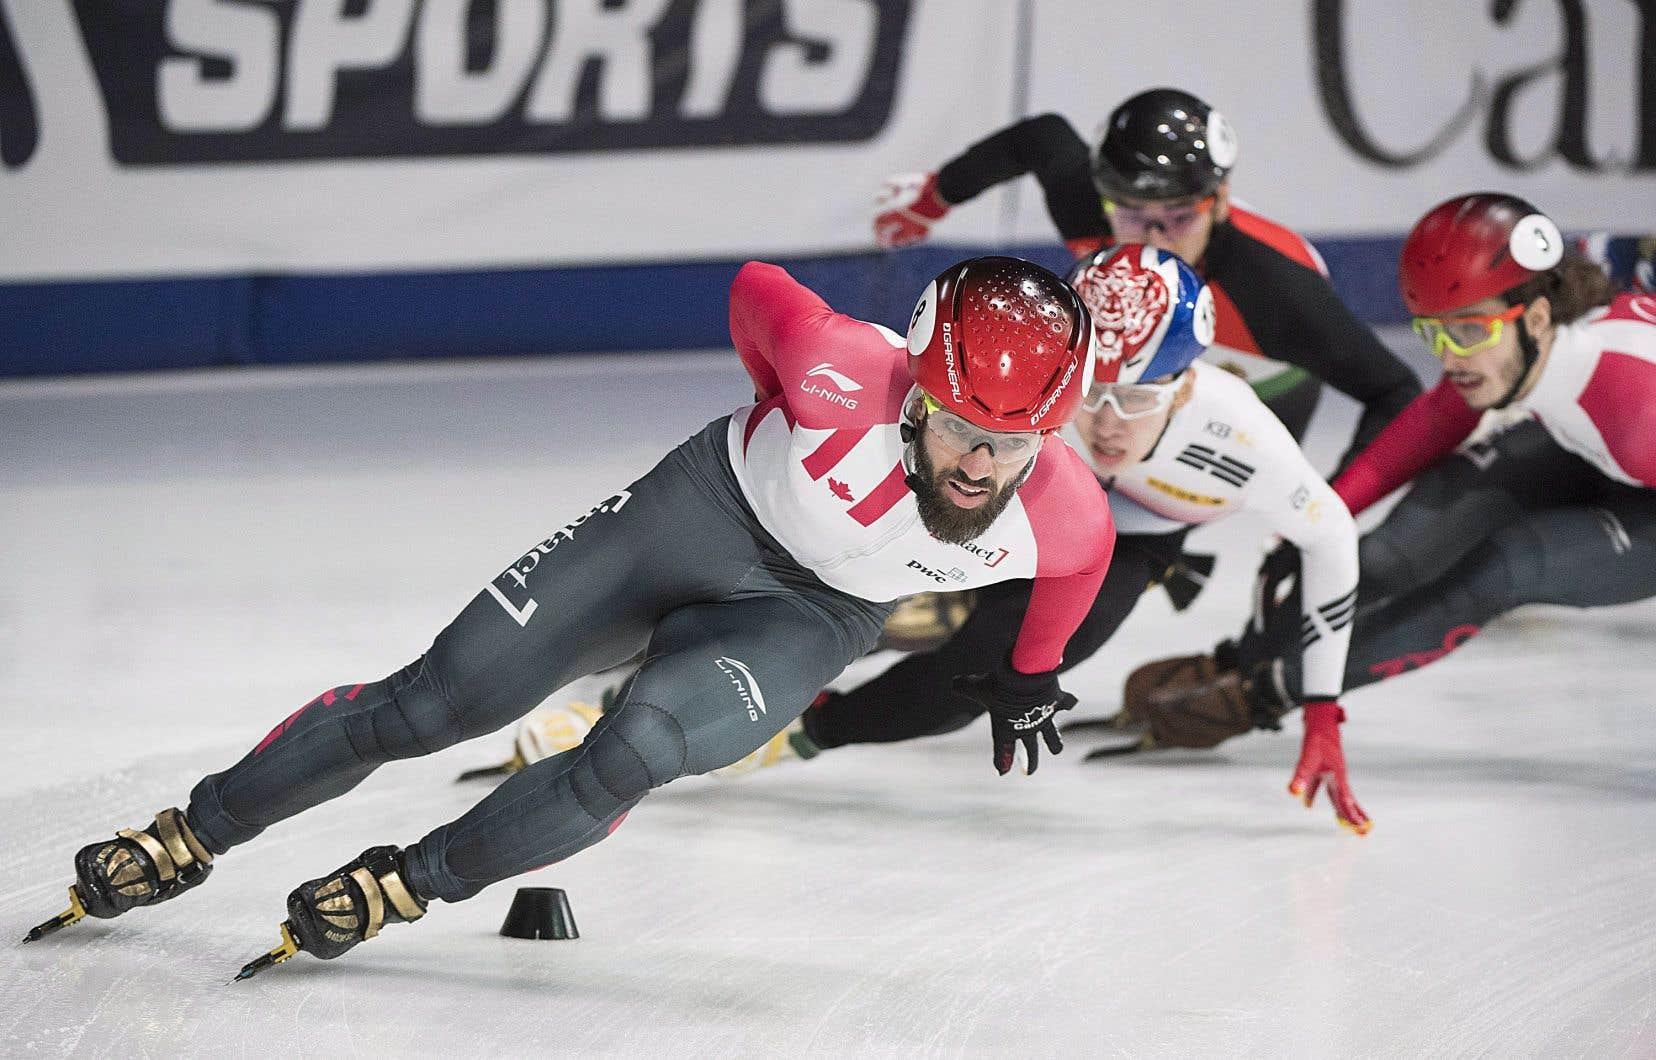 Boutin et St-Gelais excluent des finales au 1000m